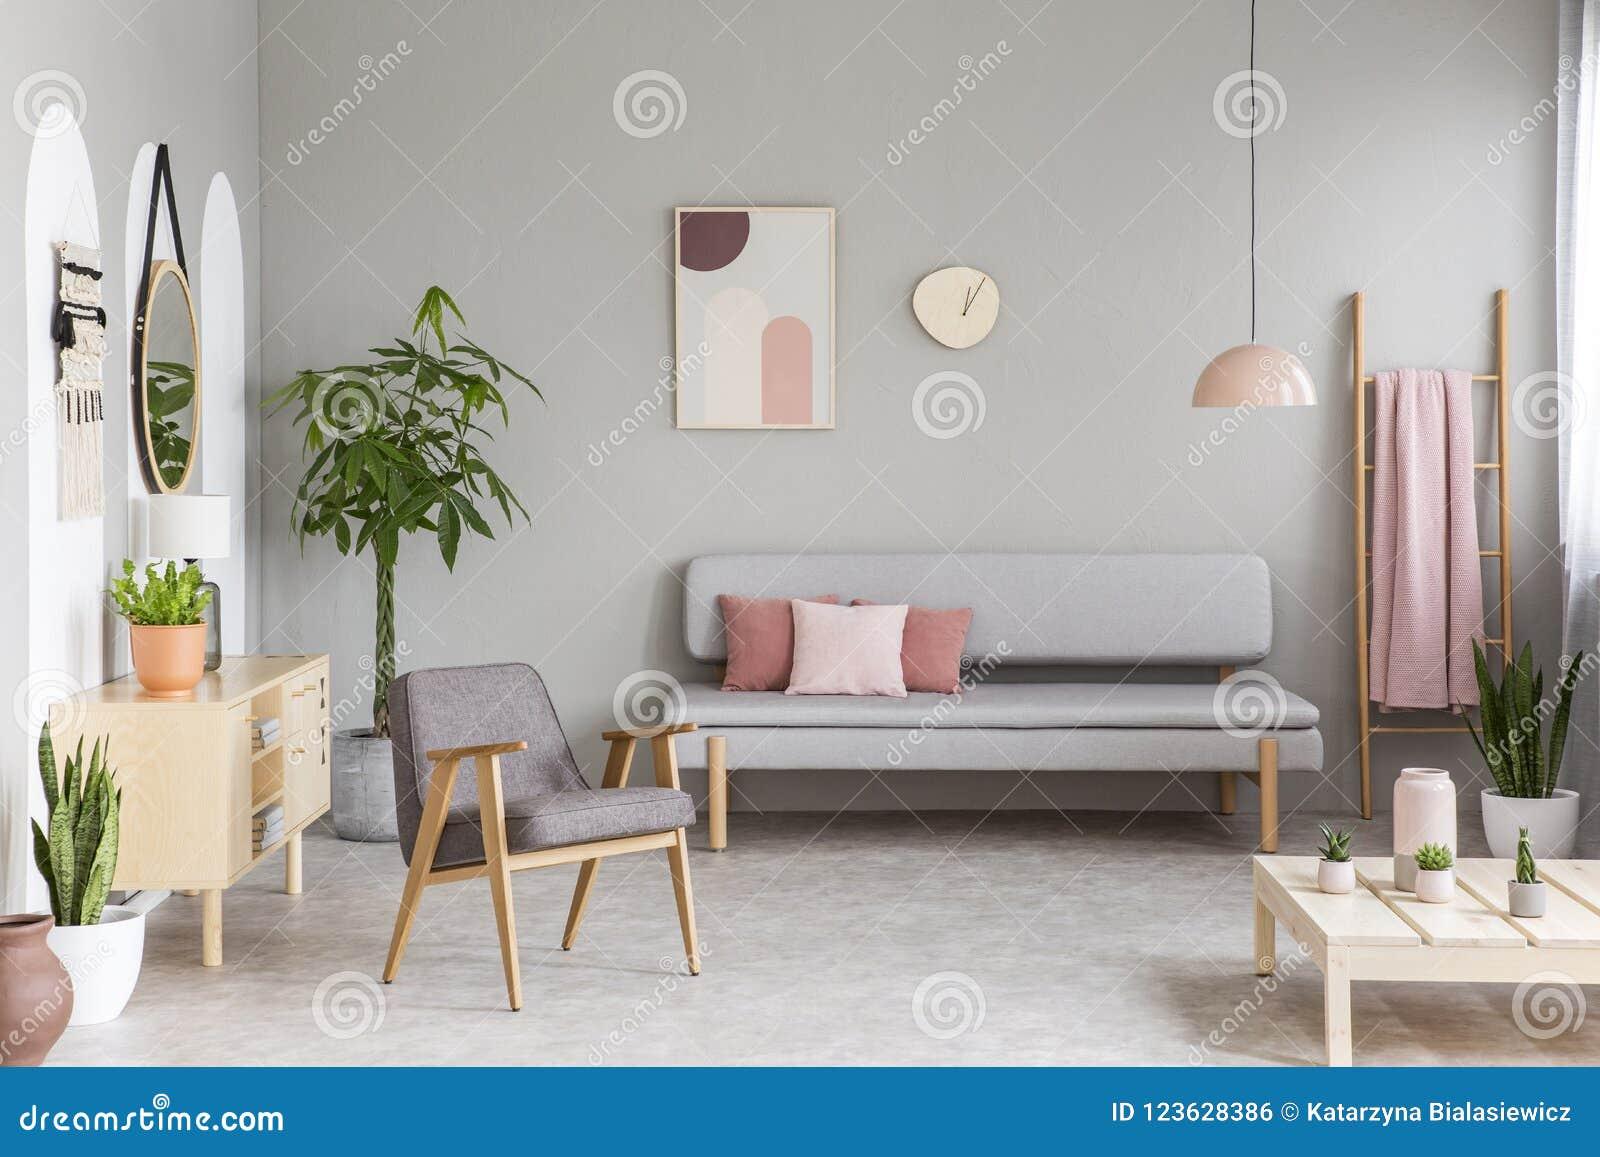 Sofa Avec Des Coussins De Rose En Pastel En Vraie Photo De ...